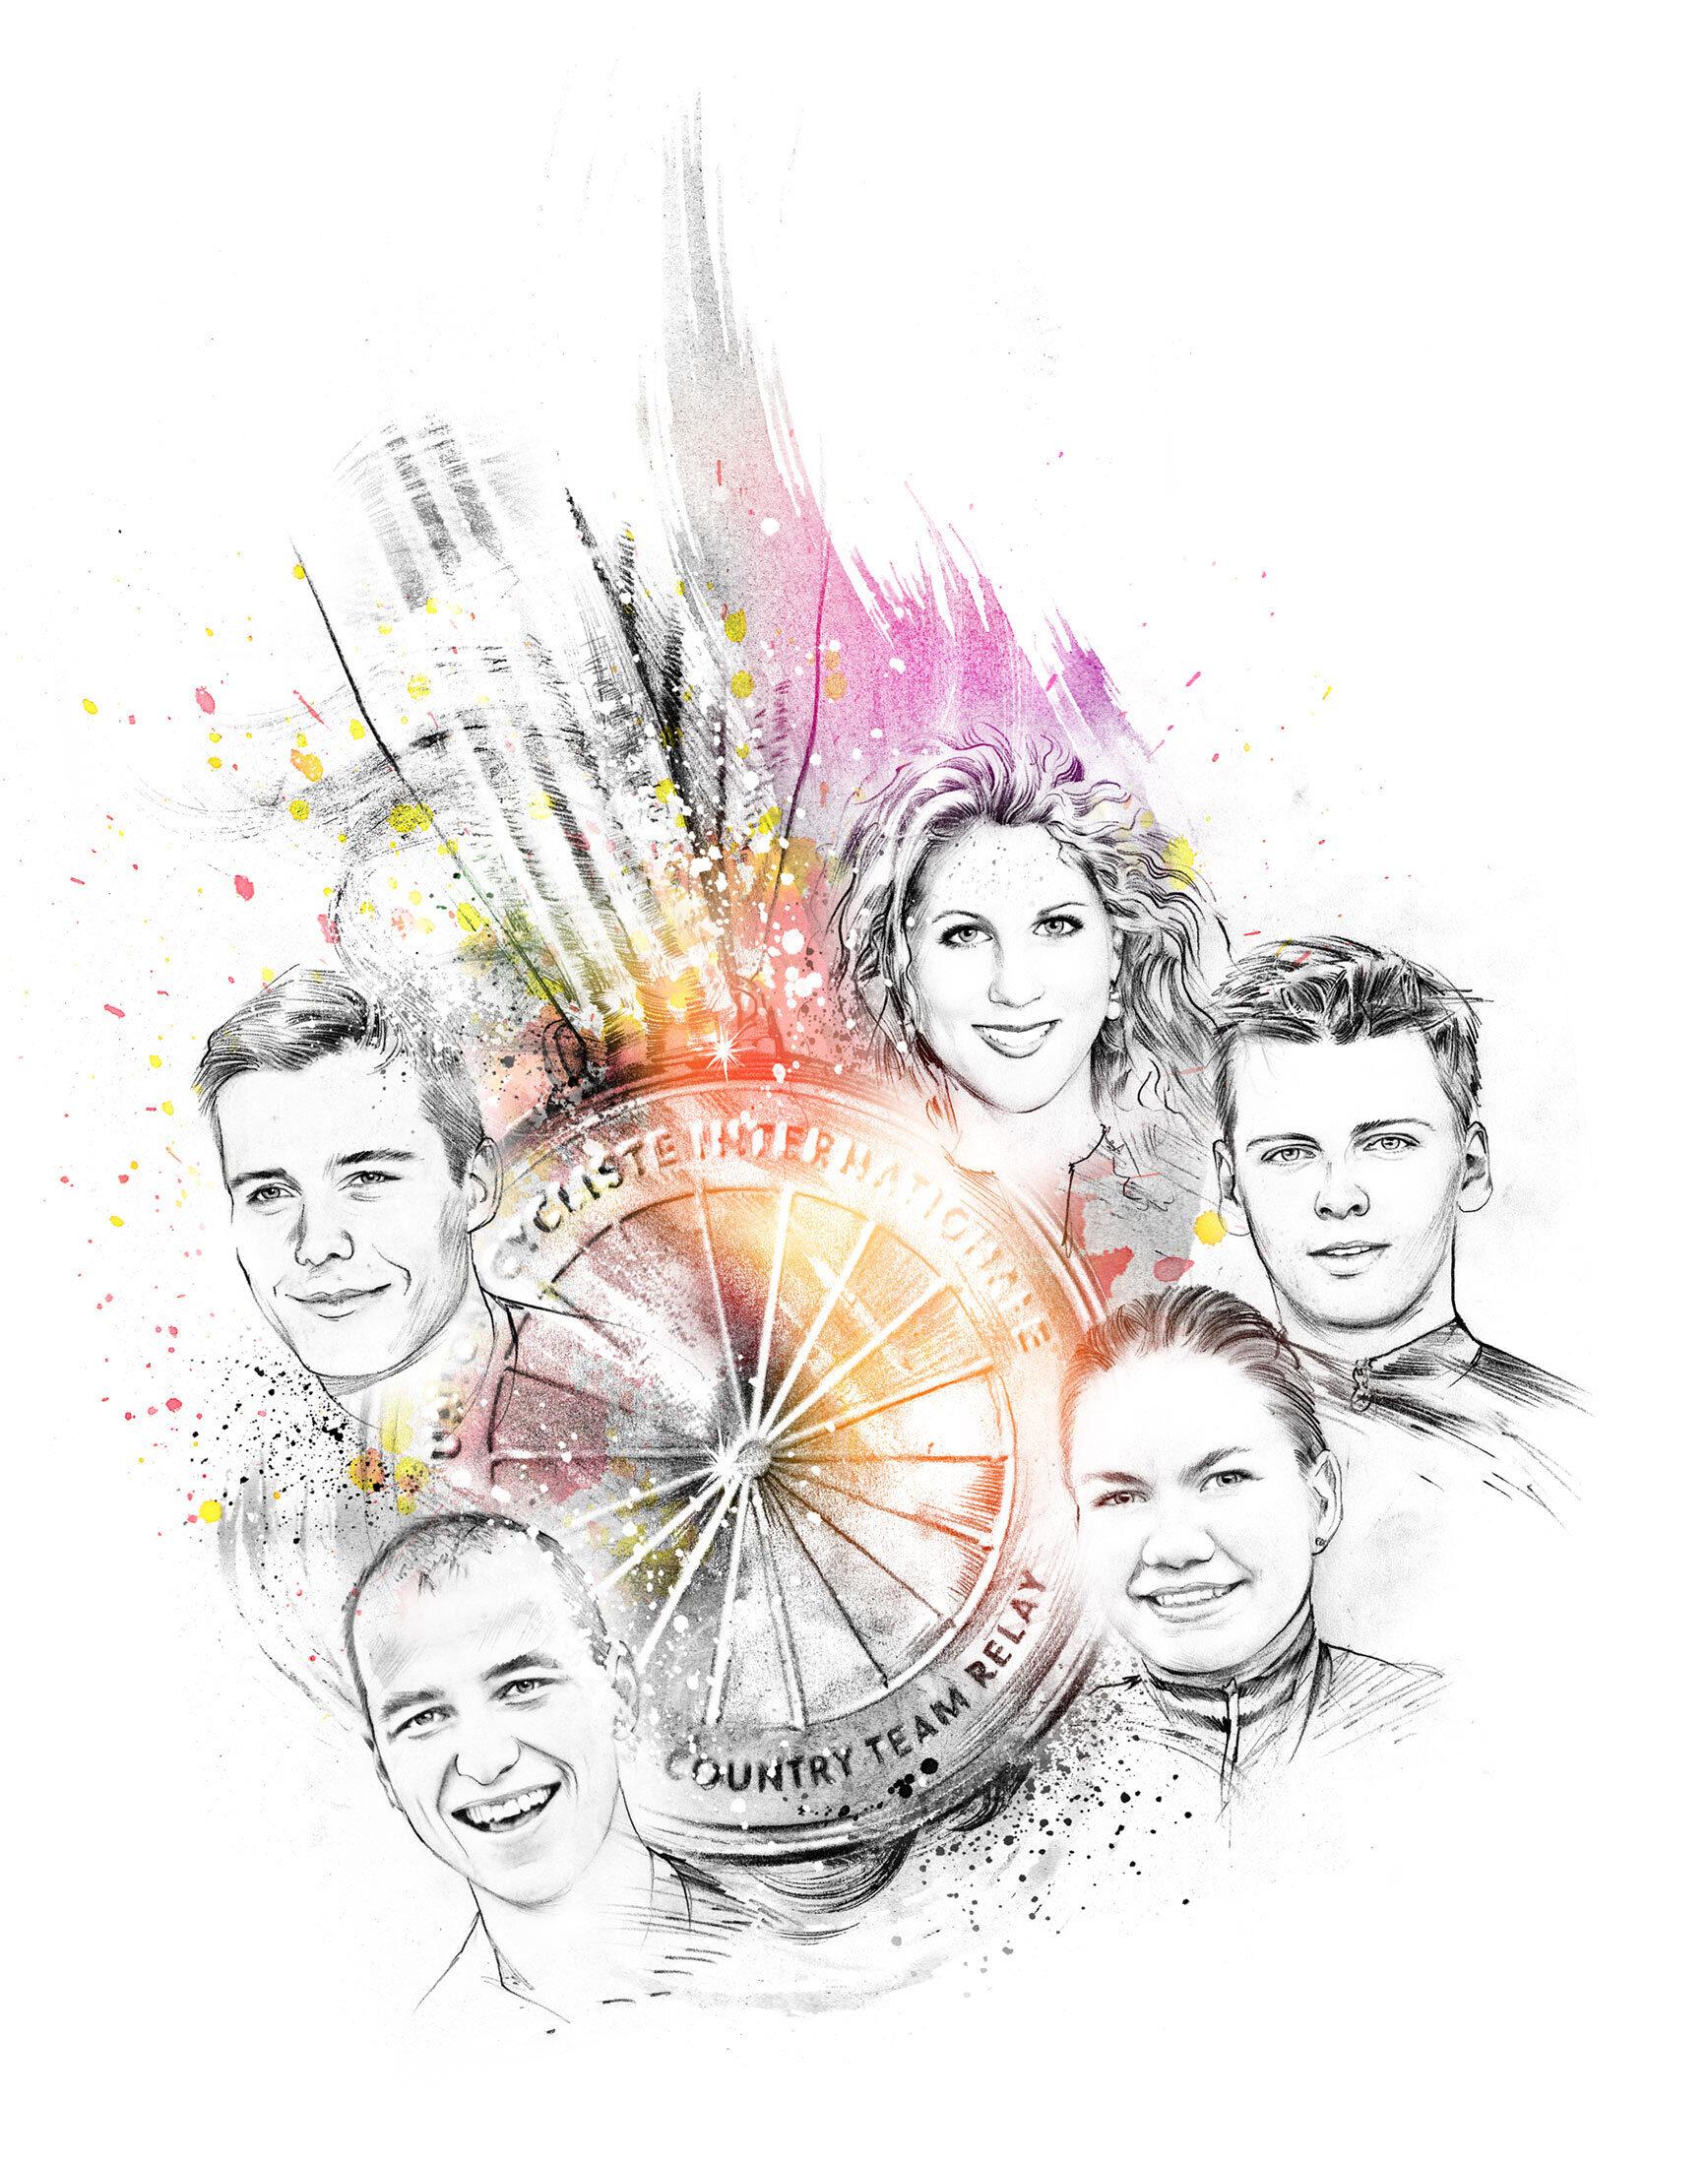 Team Mountainbike illustration artwork - Kornel Illustration   Kornel Stadler portfolio